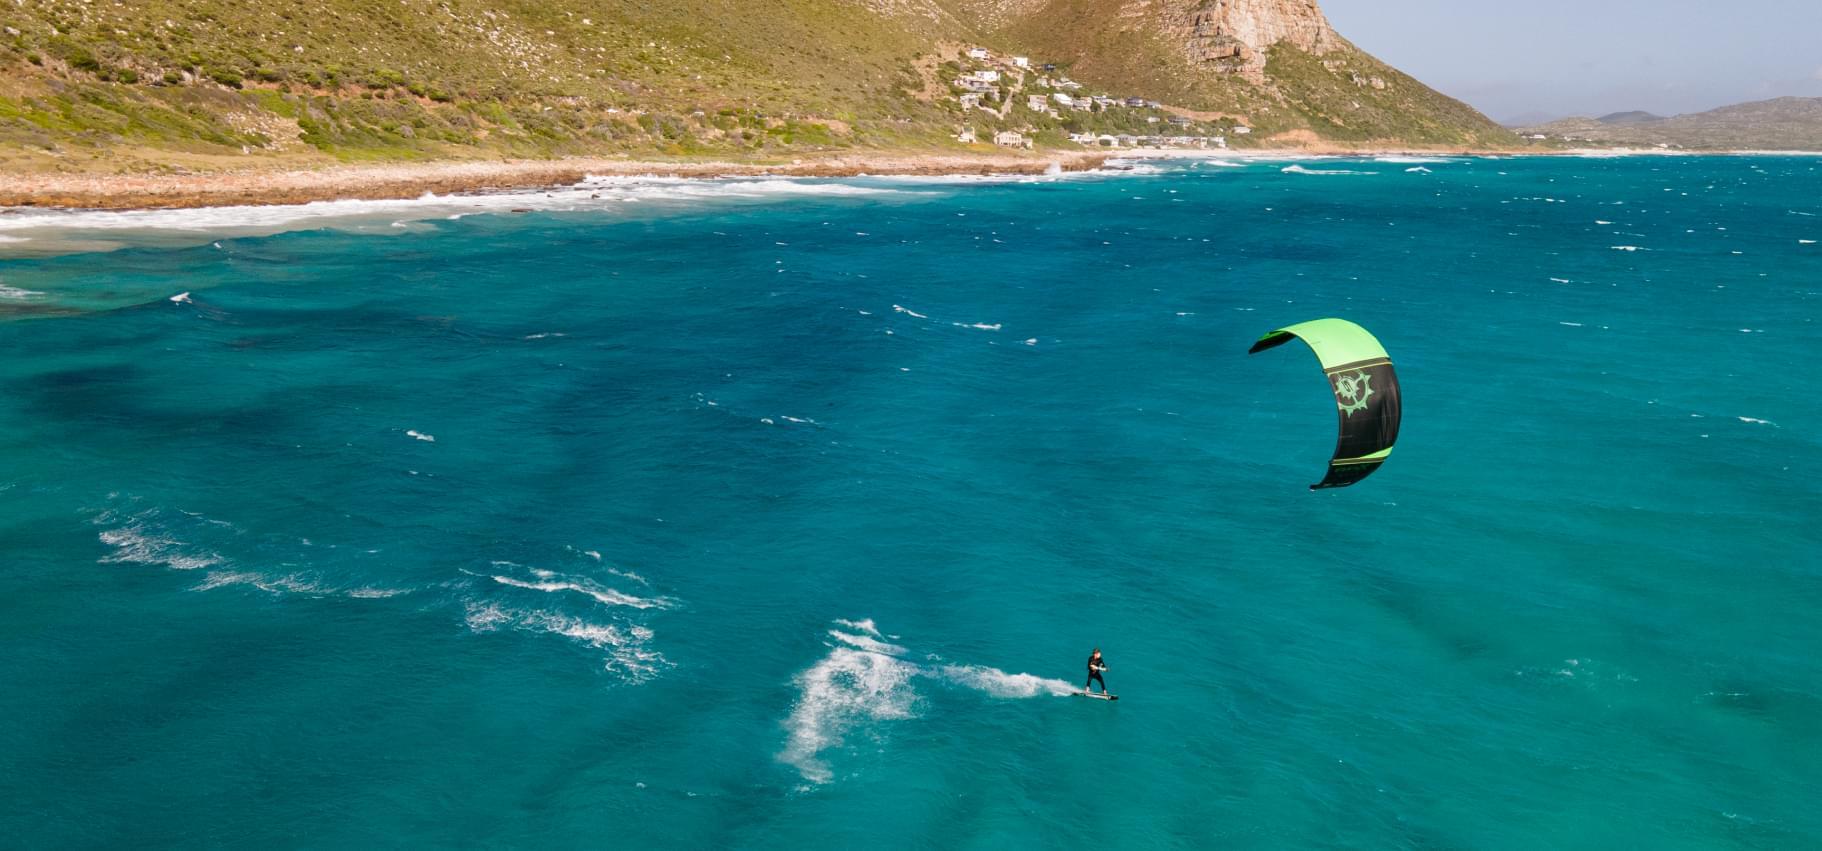 Scuola di kitesurf a Gizzeria Lido